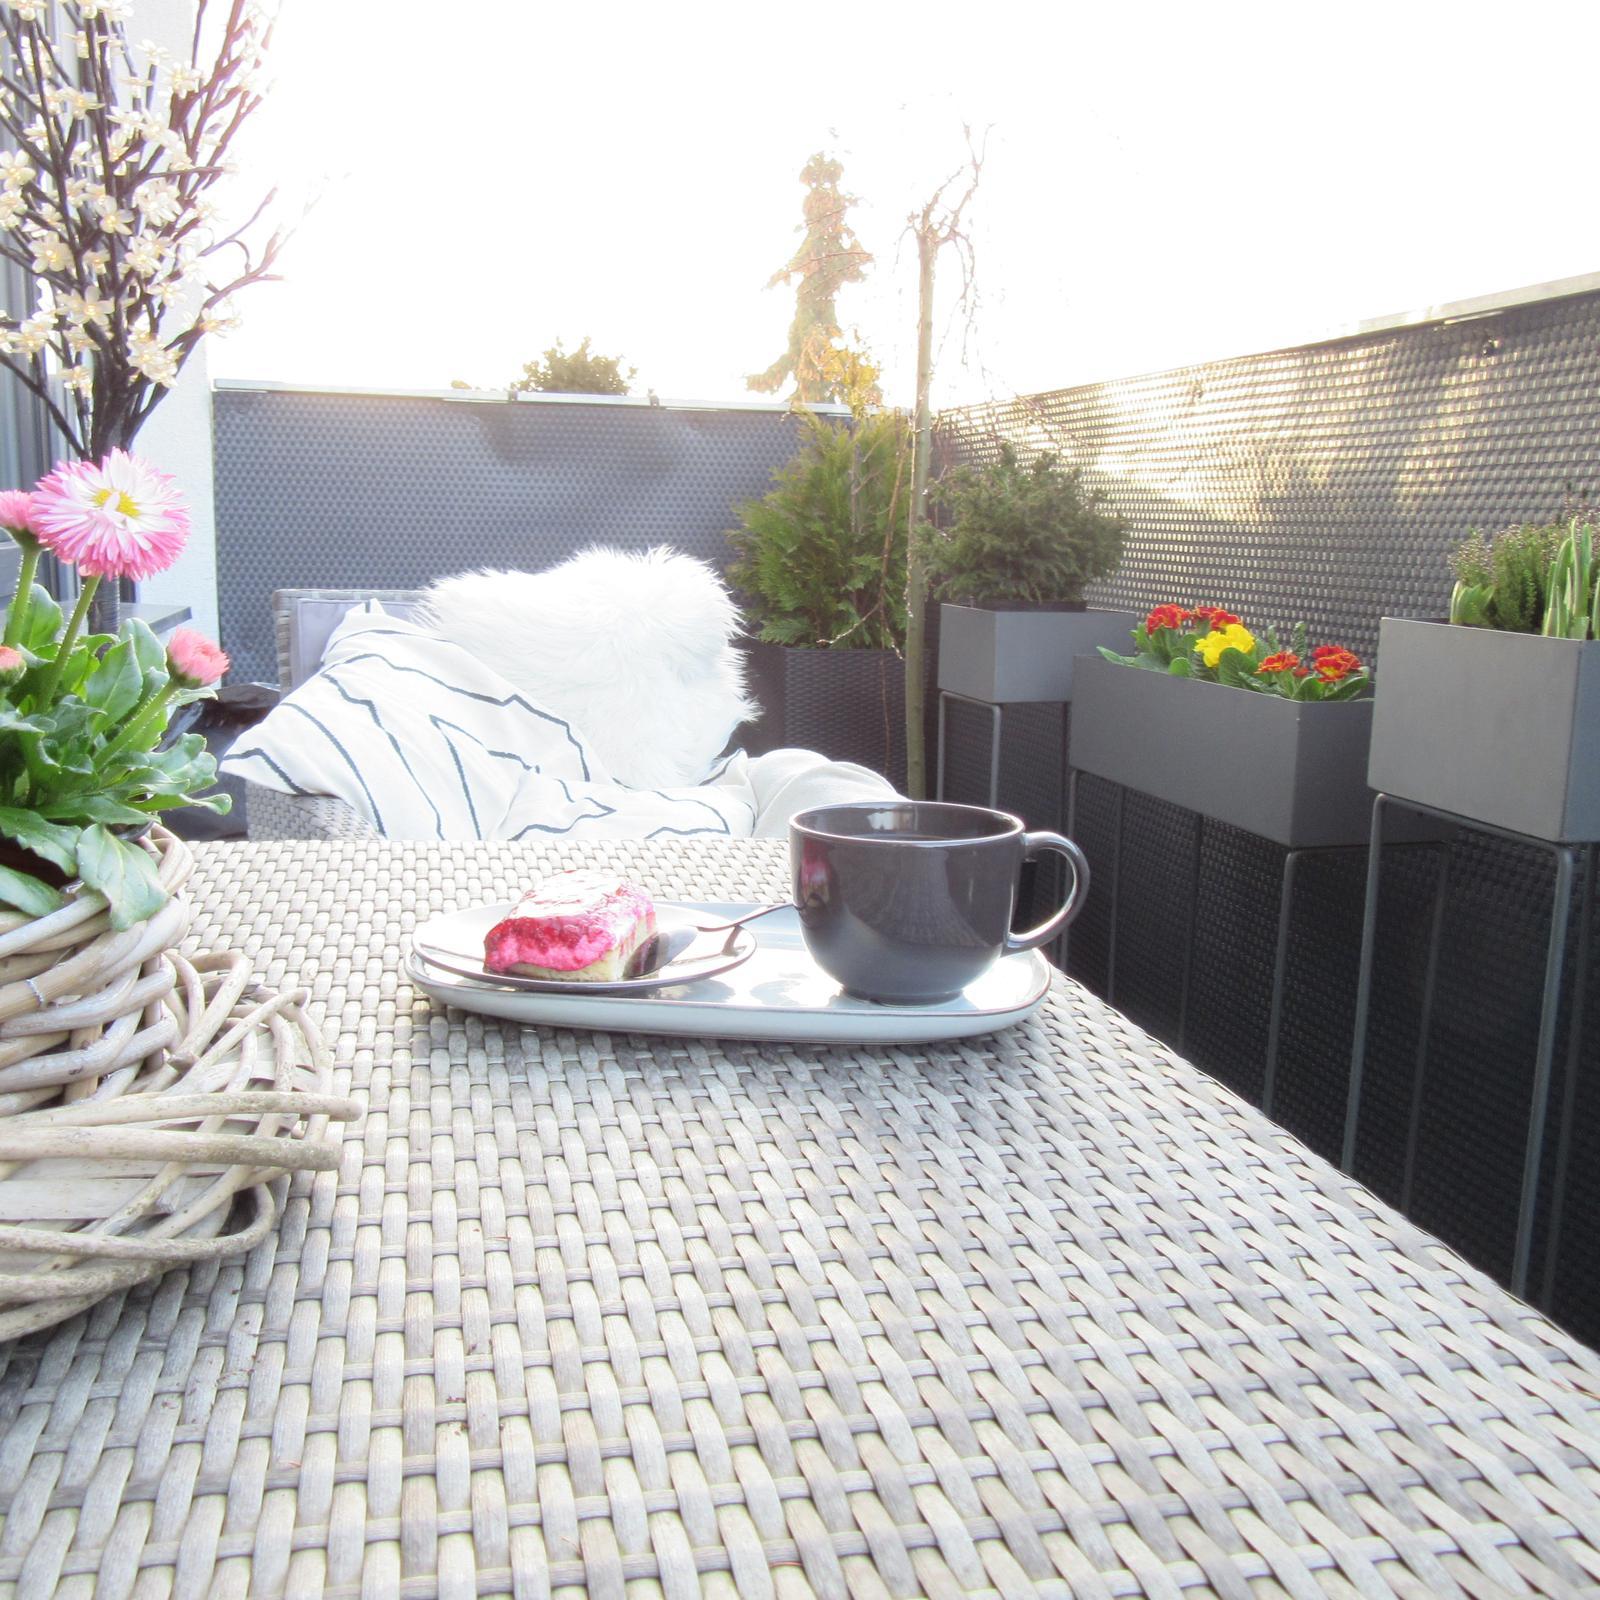 U nás doma v roce 2021 - Včera odzimována terasa a vysazeny první kytičky... po práci odměna..... bylo krásně, bohužel už zase hlásí ochlazení😒